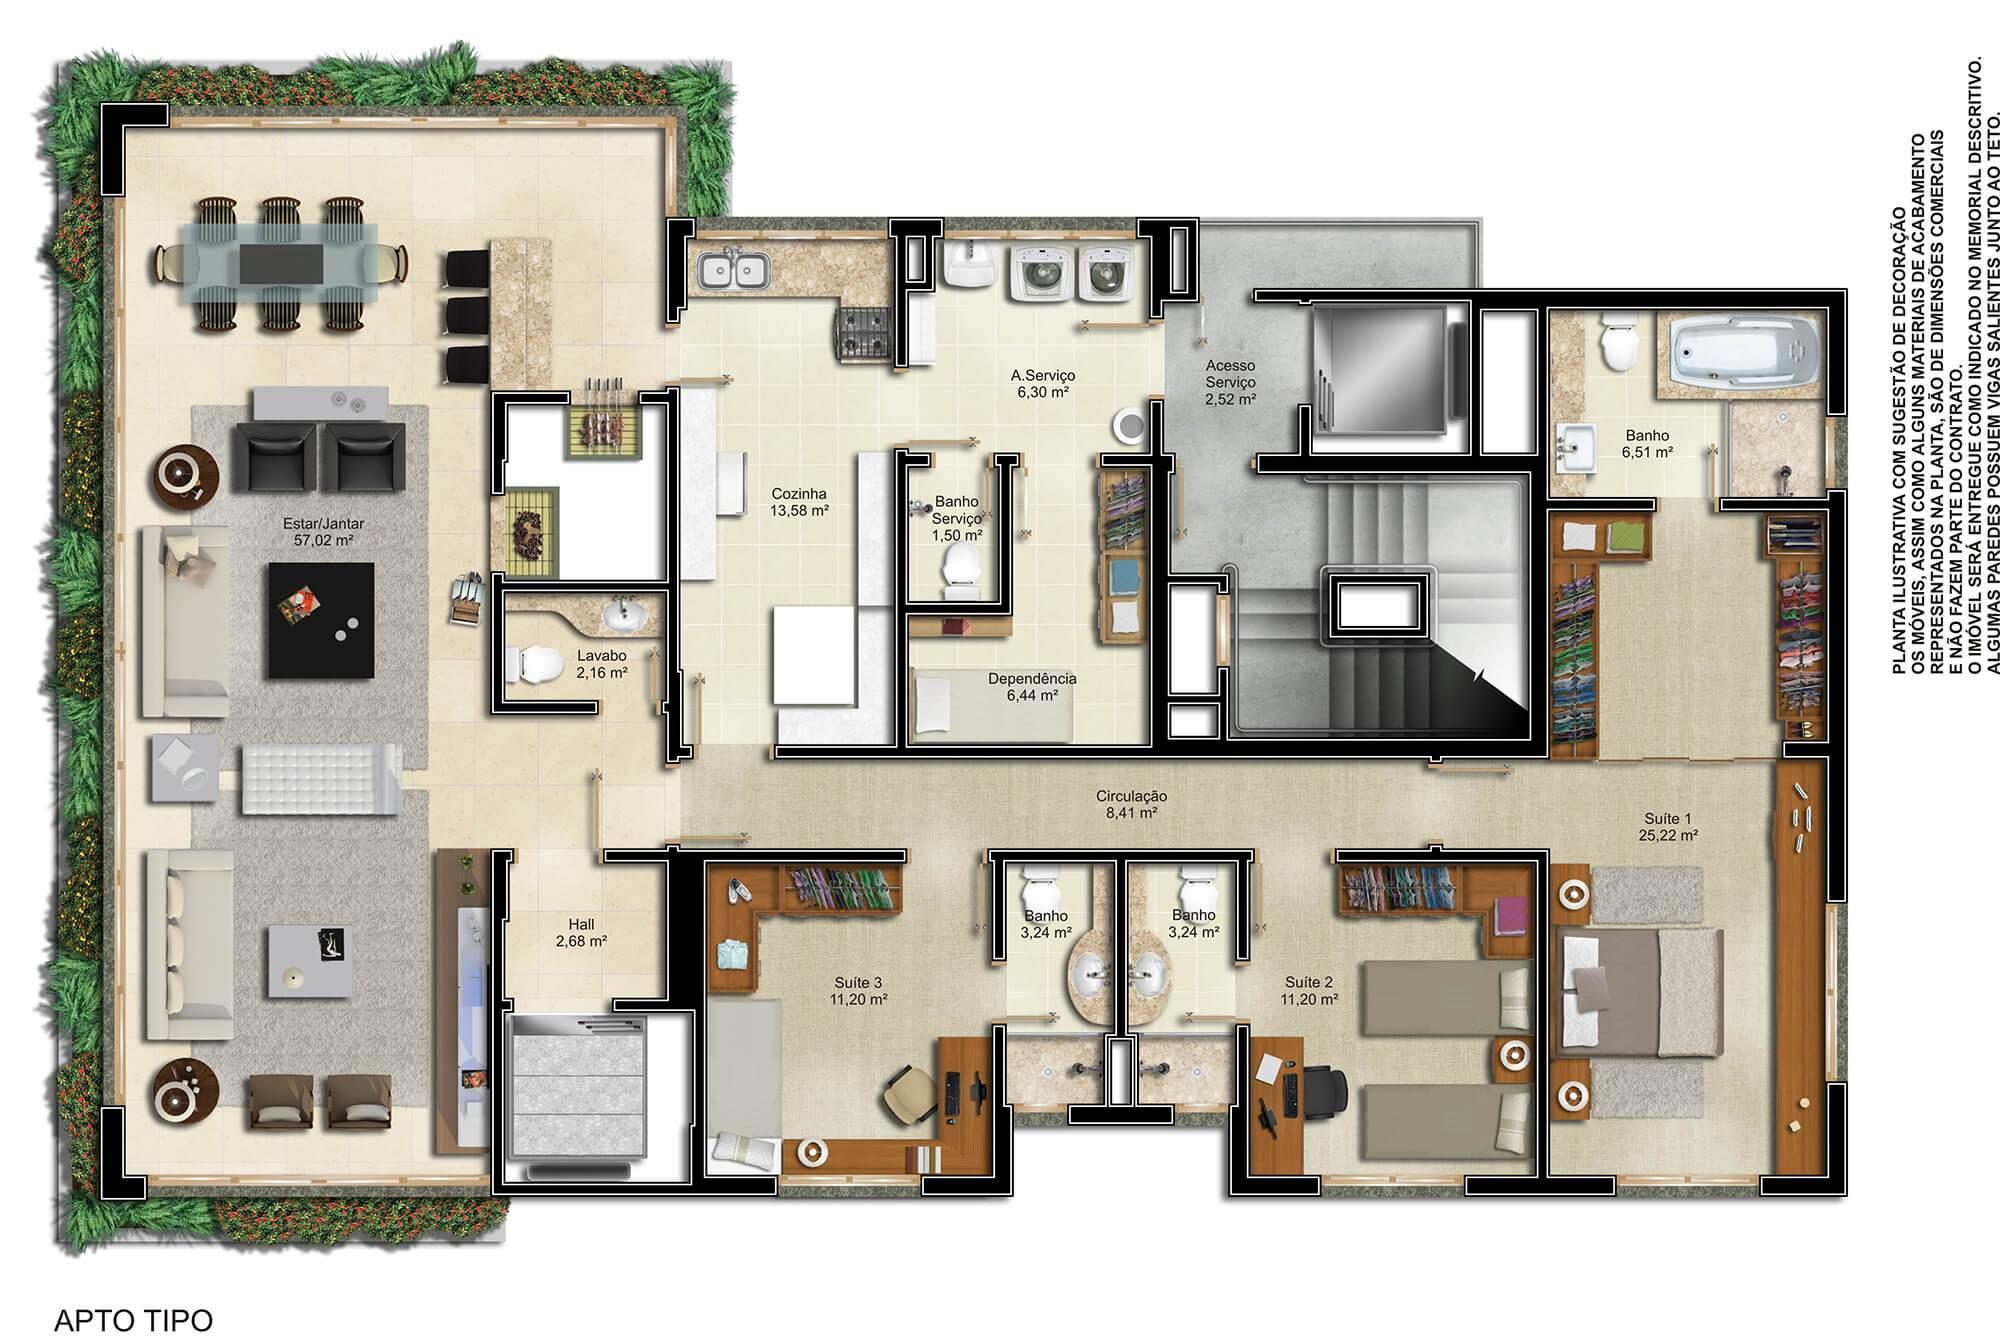 Palazzo planta: Apartamentos de 184 m²